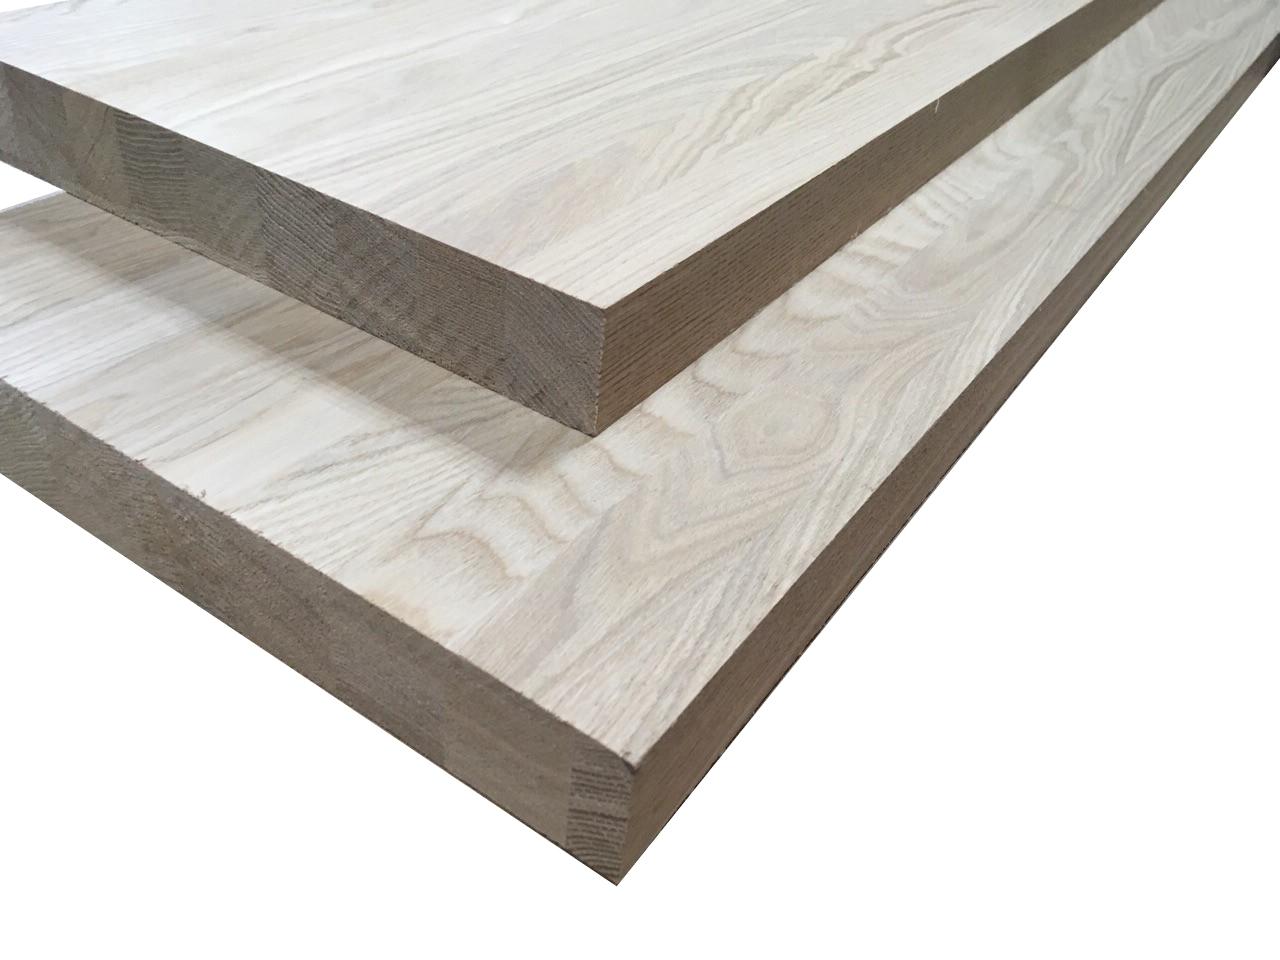 Щит мебельный (ясень, толщиной 40мм) - 6650 руб/м2